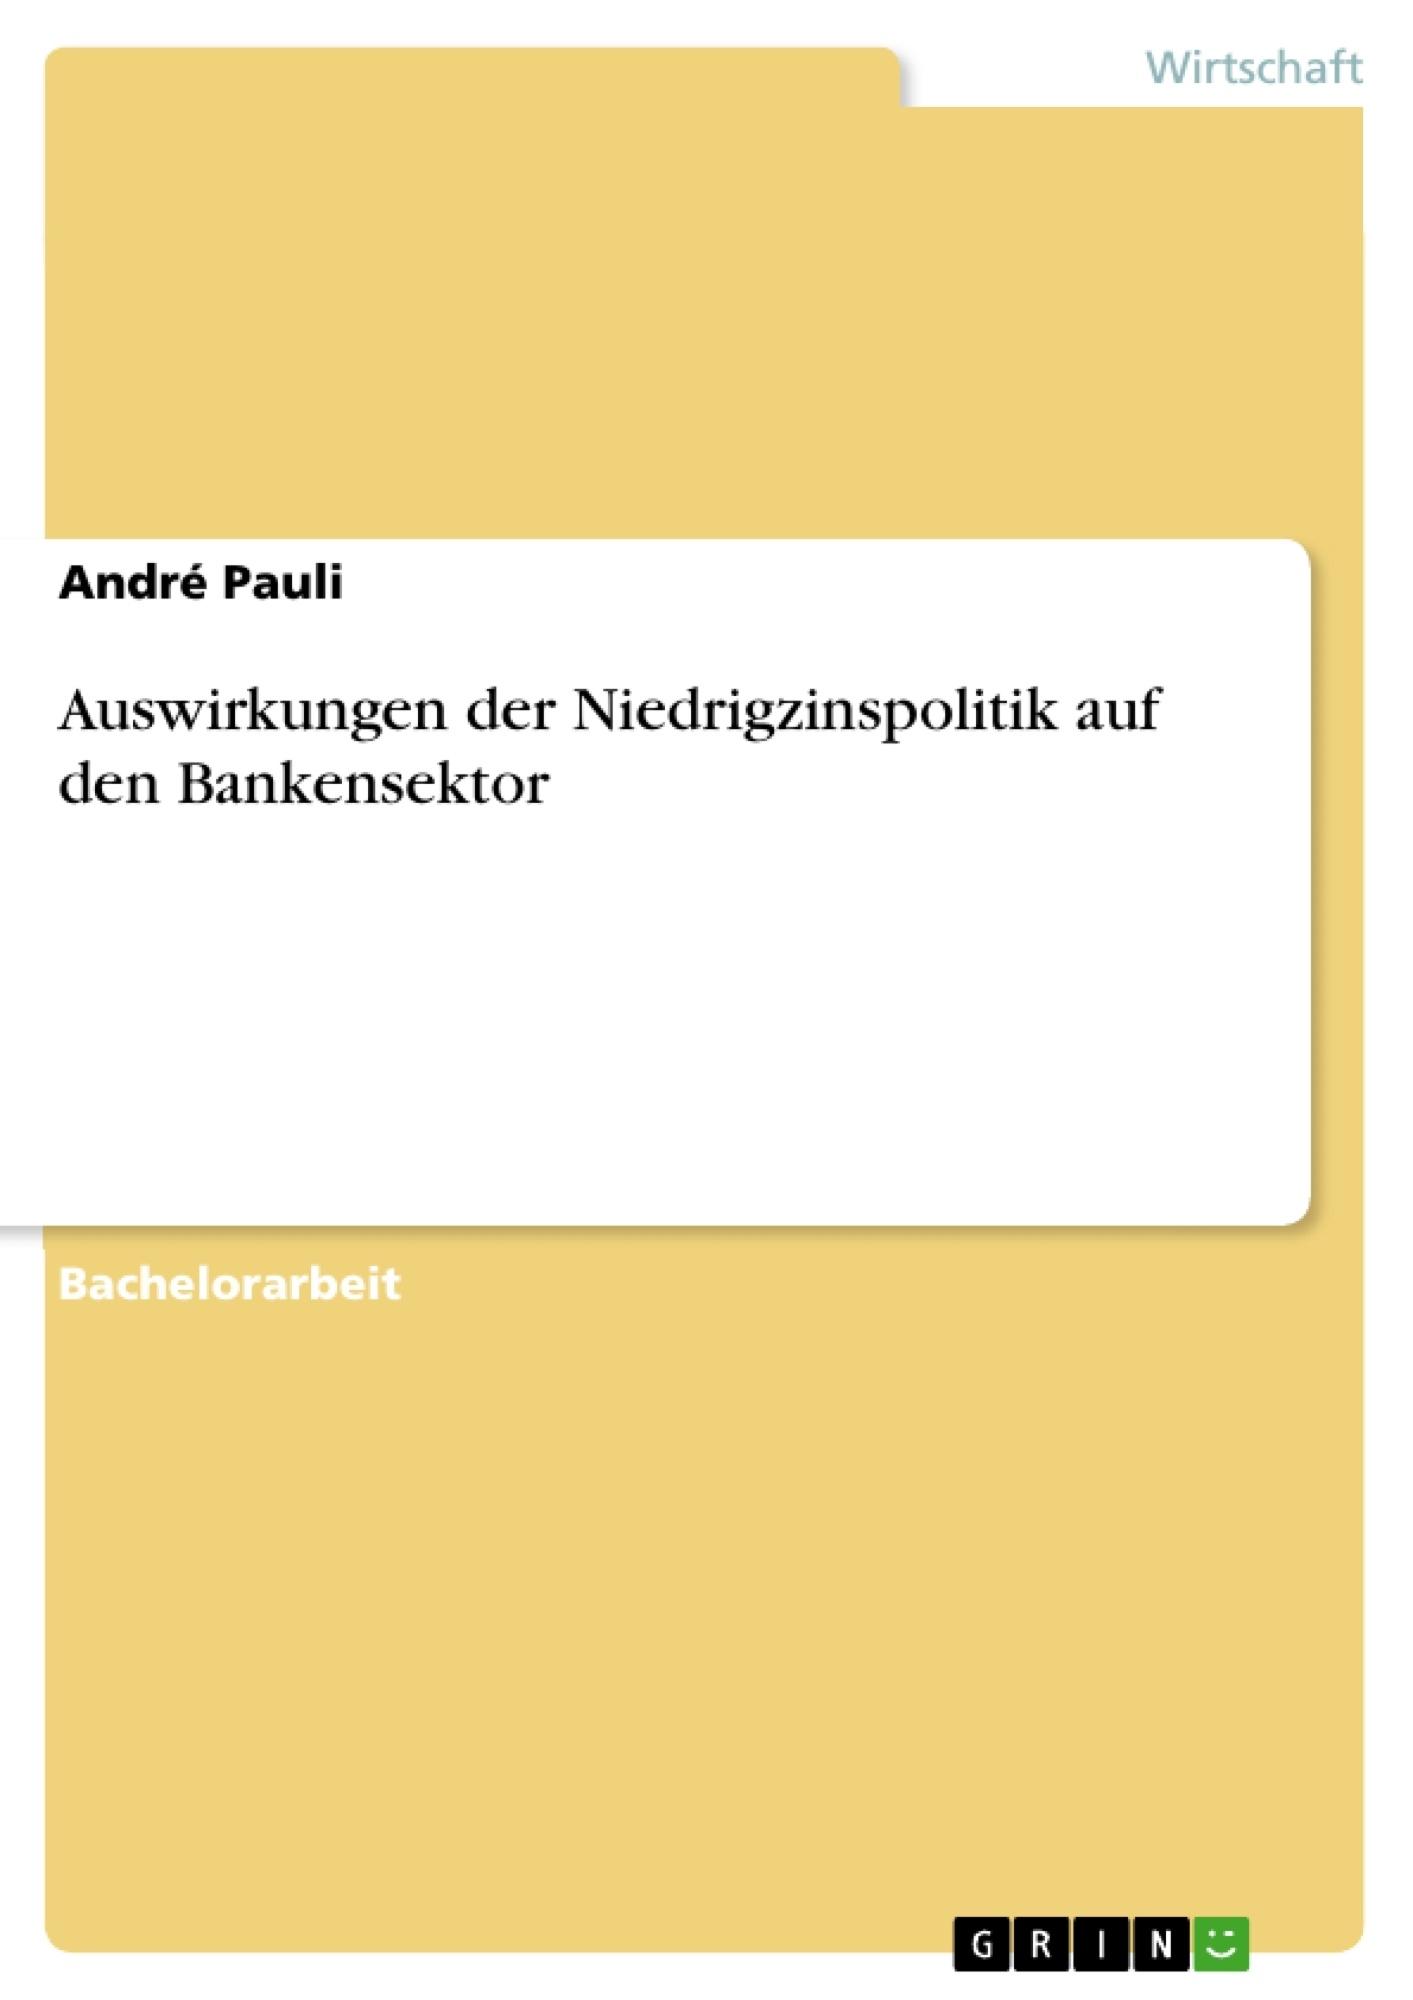 Titel: Auswirkungen der Niedrigzinspolitik auf den Bankensektor